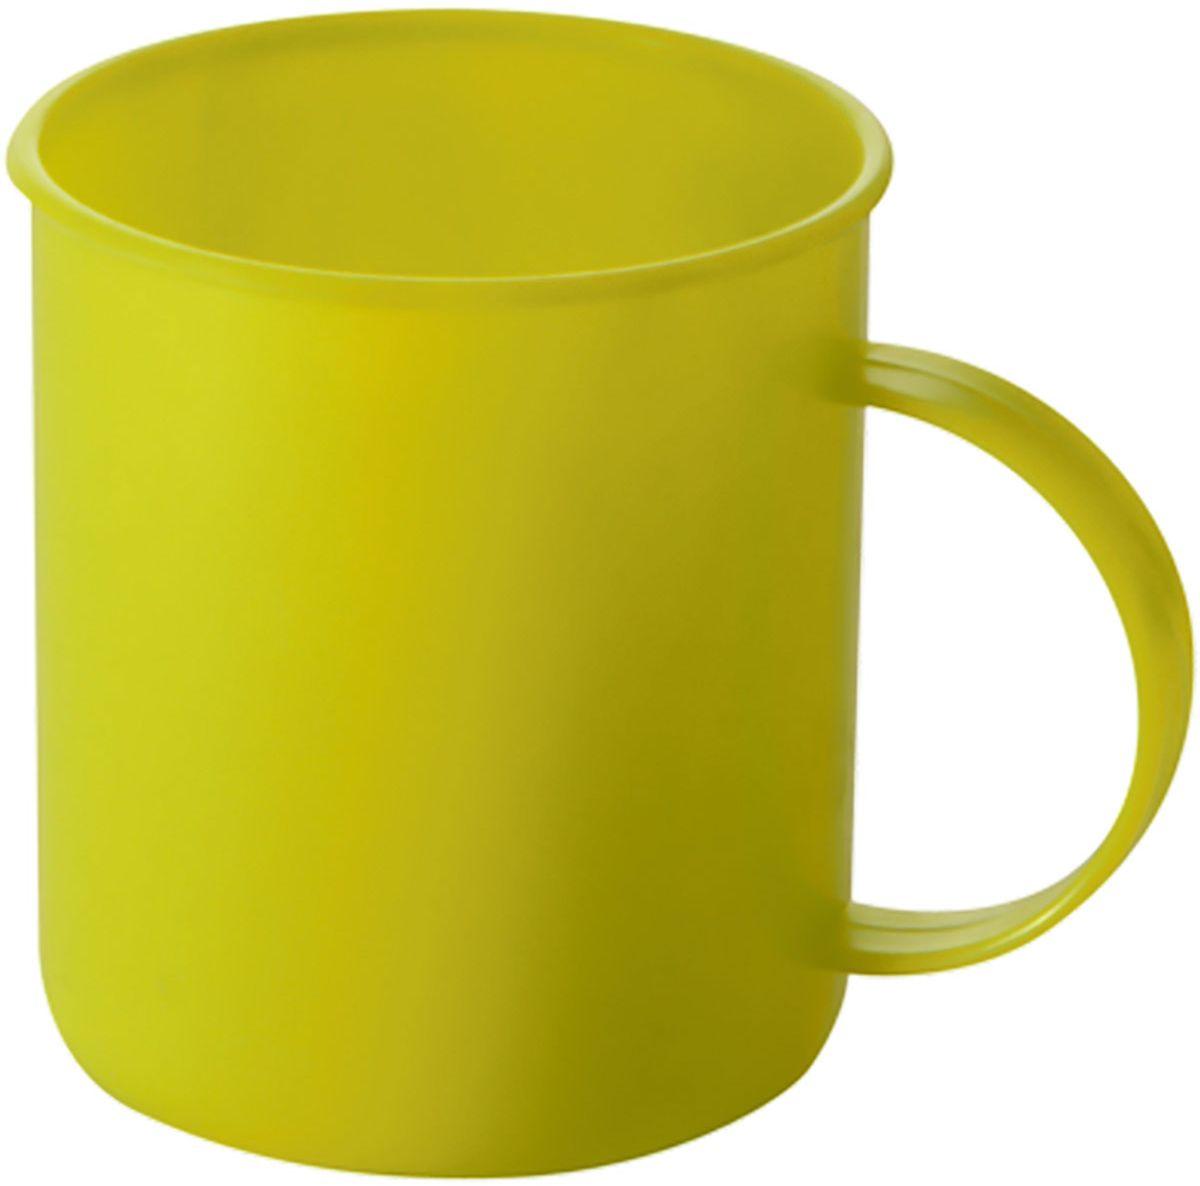 Кружка Plastic Centre Счастье, цвет: желтый, 0,3 лПЦ1431ЛМННаша кружка прекрасно подойдет для дачи, пикника или поездки в поезде. Легкую кружку удобно взять с собой на природу. Яркие цвета и привлекательный дизайн создадут уютную атмосферу и дополнят интерьер дачи. Прочный пластик подходит для многократного использования. Объем 0,3 л.